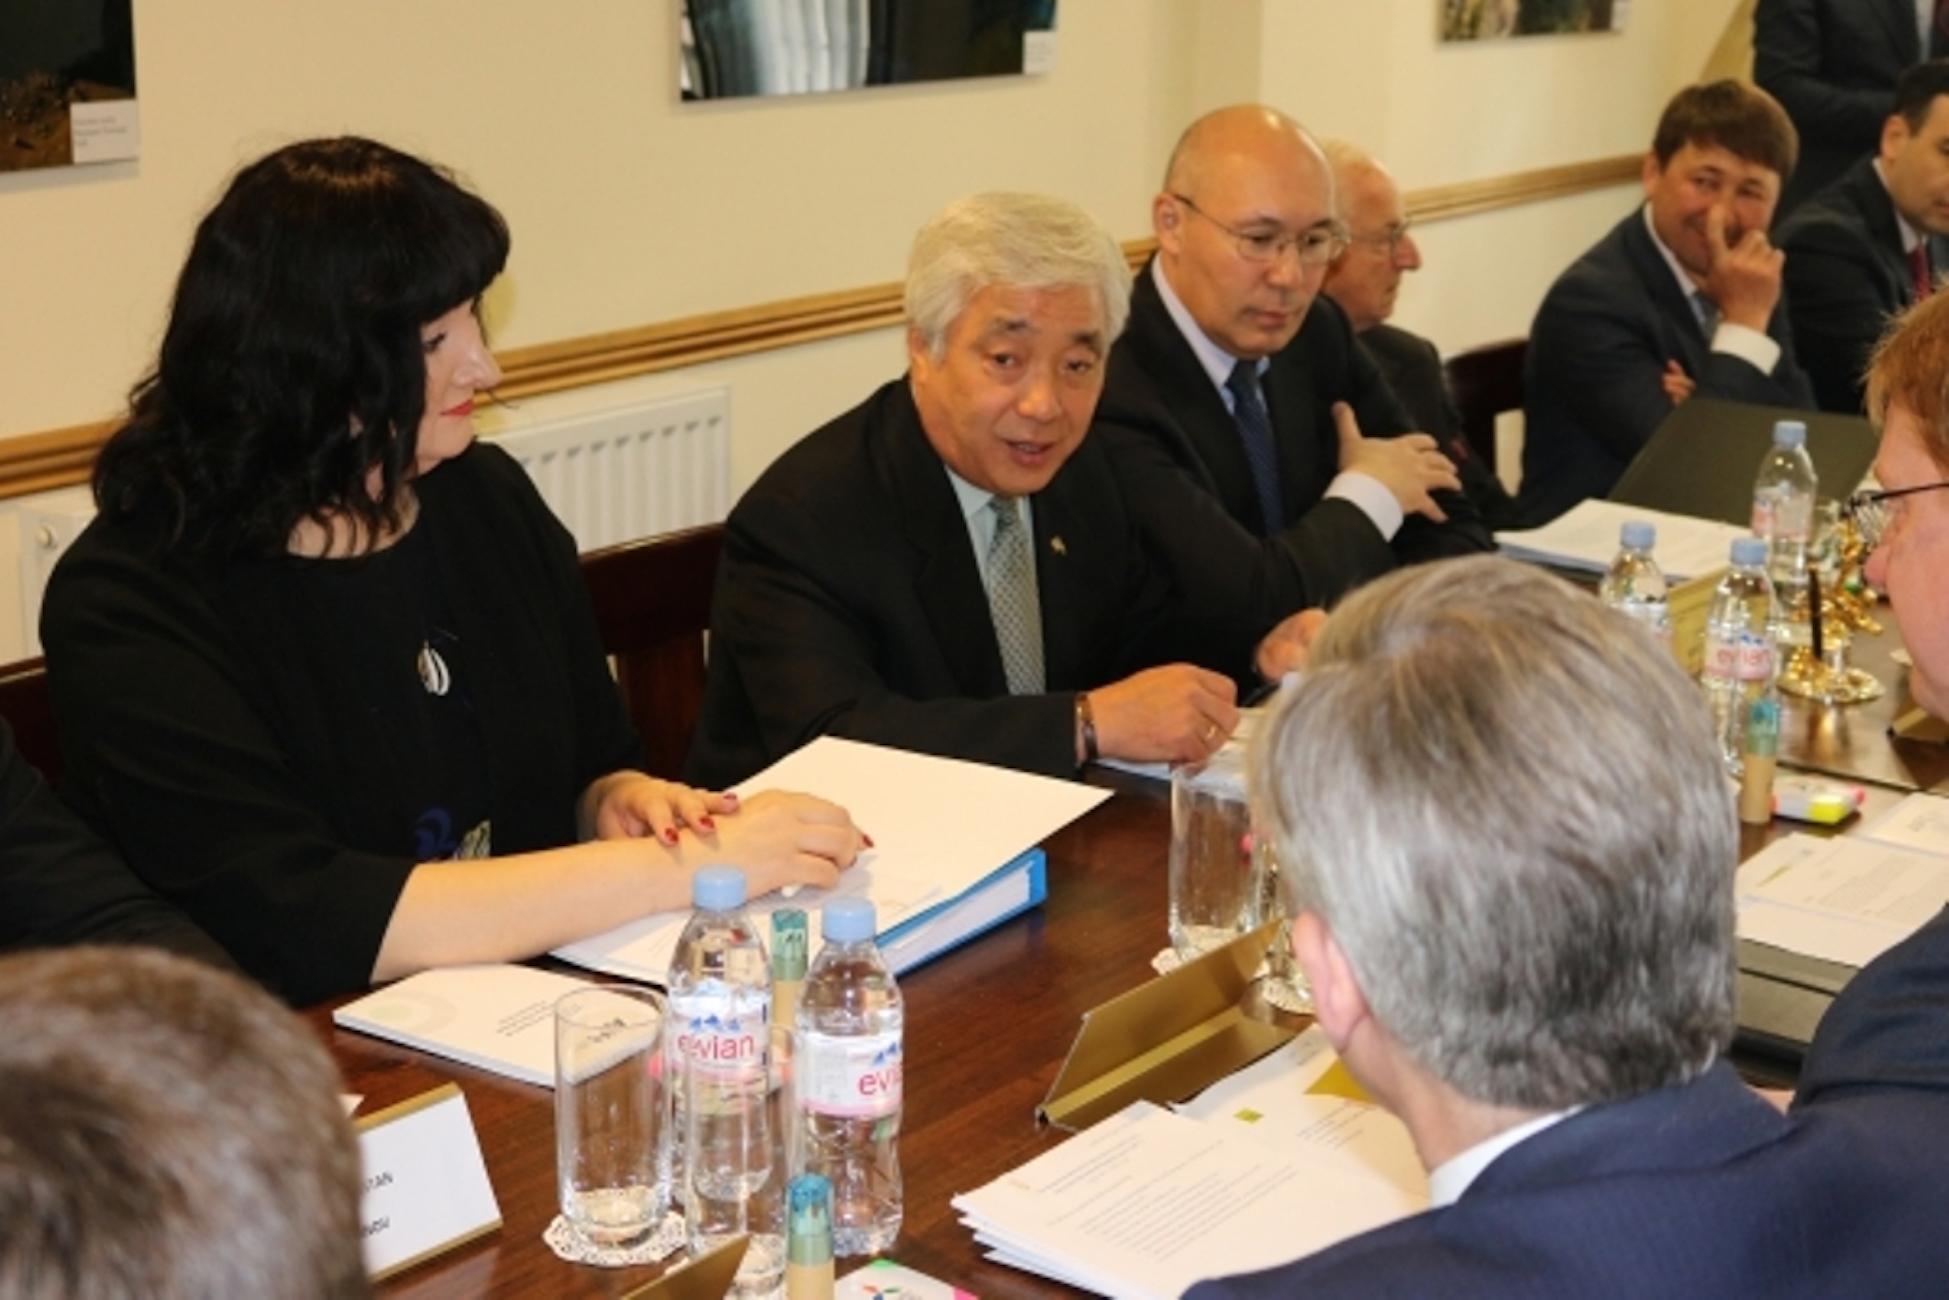 Представители Международного финансового центра Астаны (МФЦА) и британские официальные лица обсуждают план сотрудничества. Лондон, май 2017 г. [Предоставлено пресс-службой МФЦА]